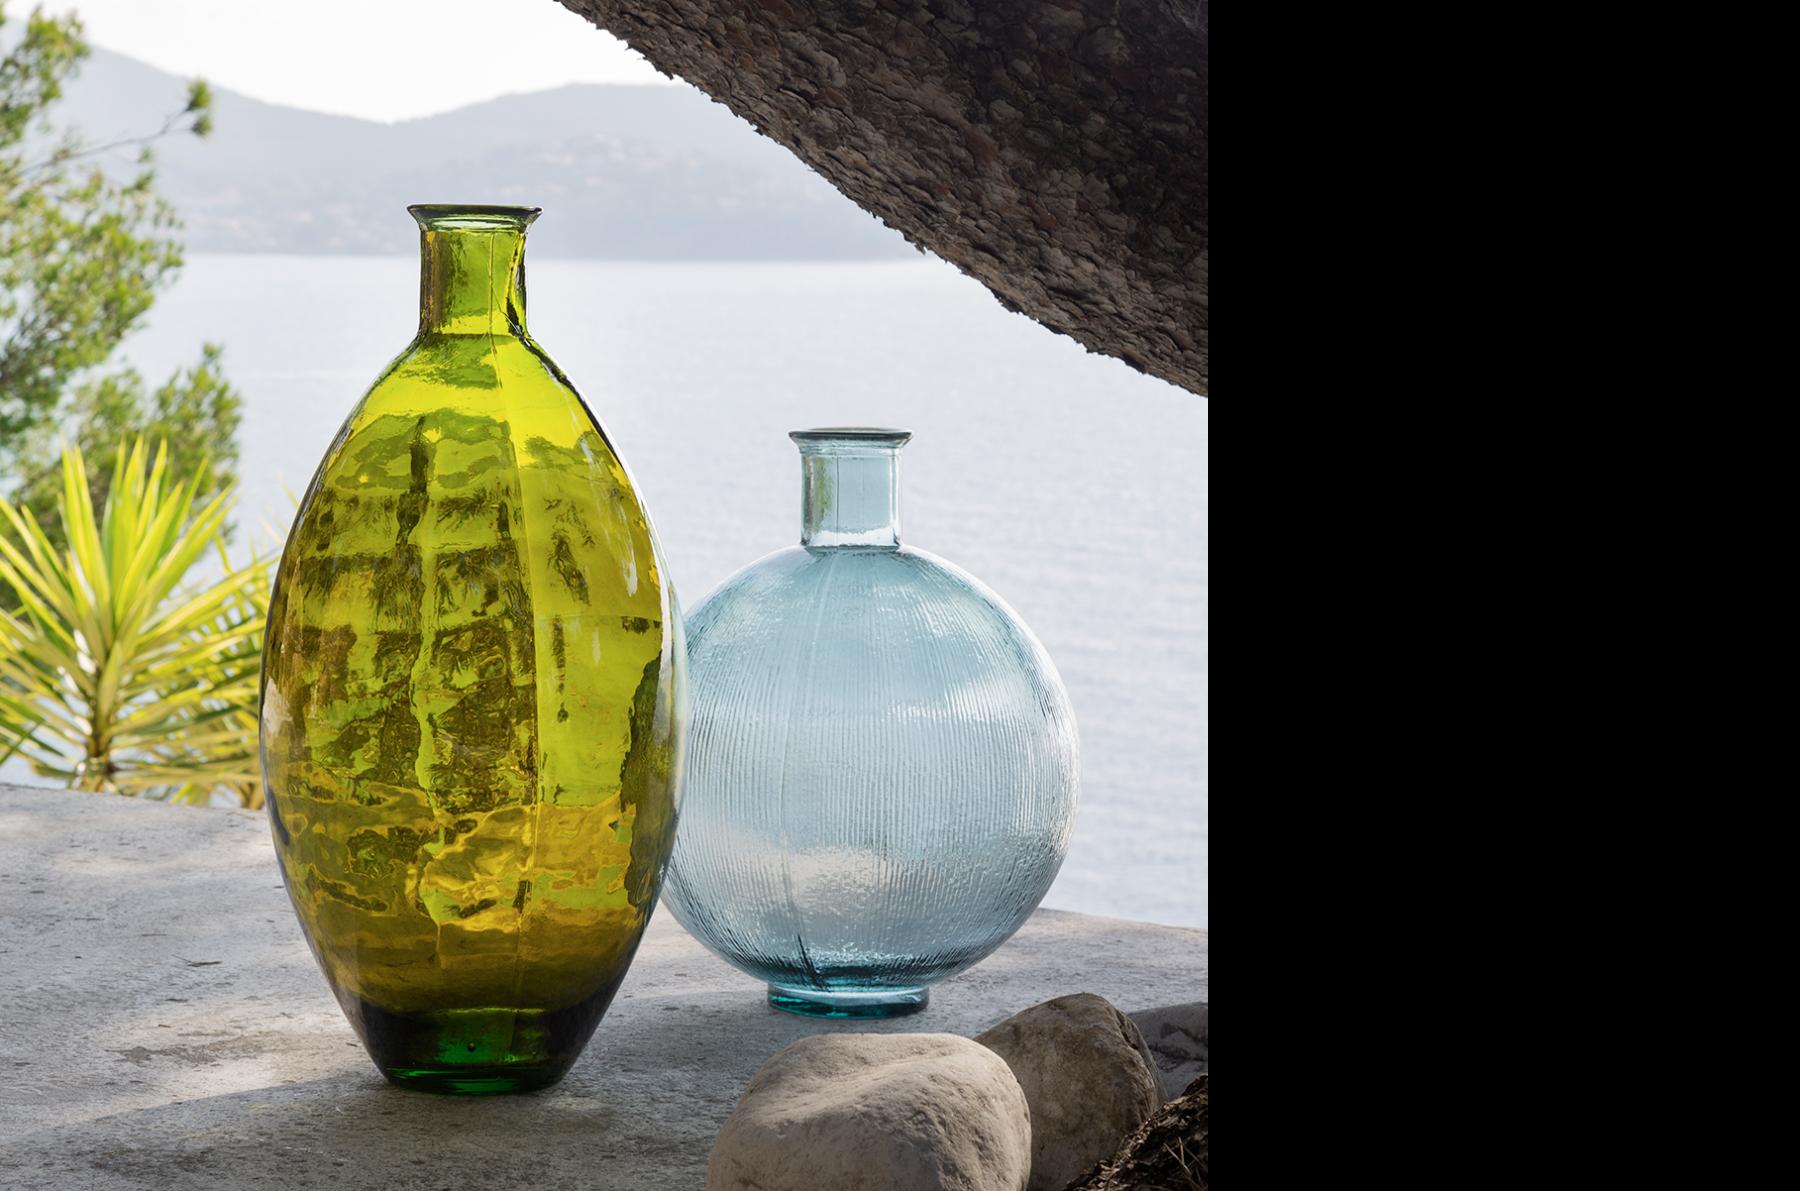 El vidrio reciclado, uno de los protagonistas del verano.